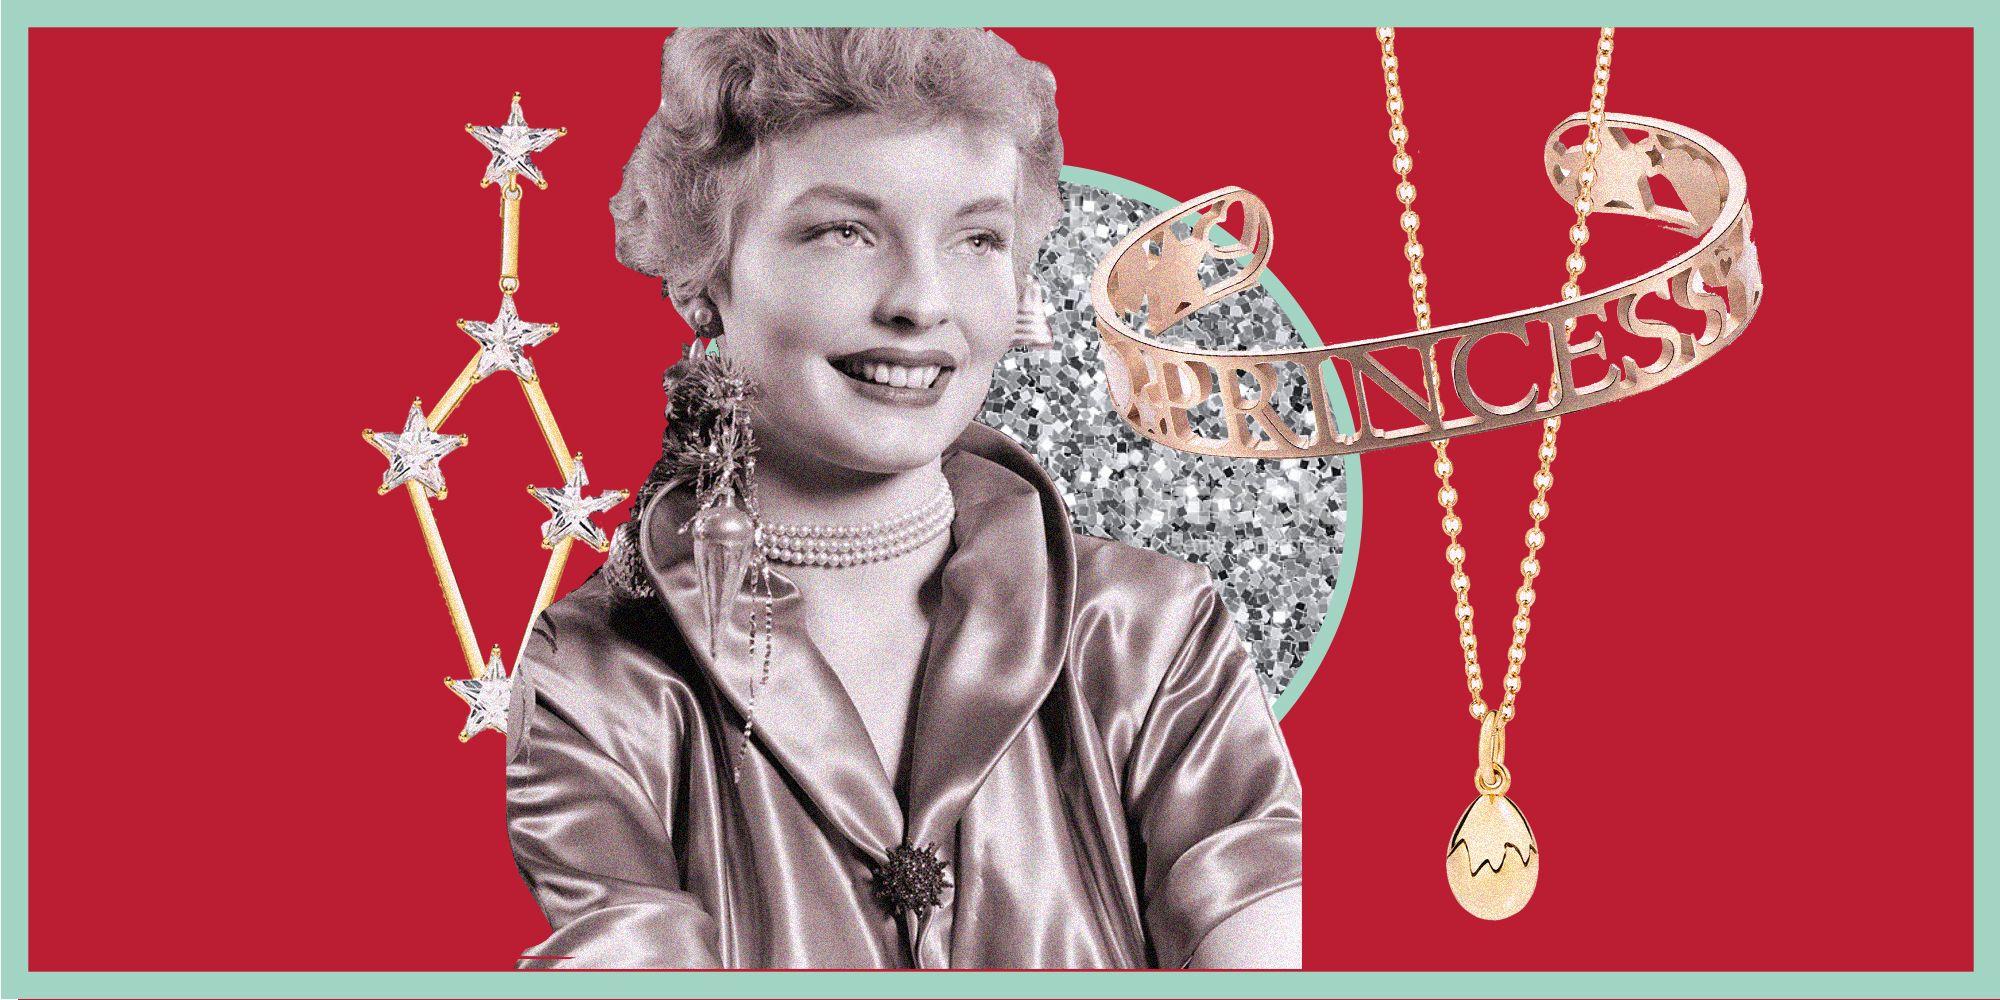 Natale 2019, i regali che luccicano davvero sono i gioielli da mettere sotto l'albero per un effetto a sorpresa wow